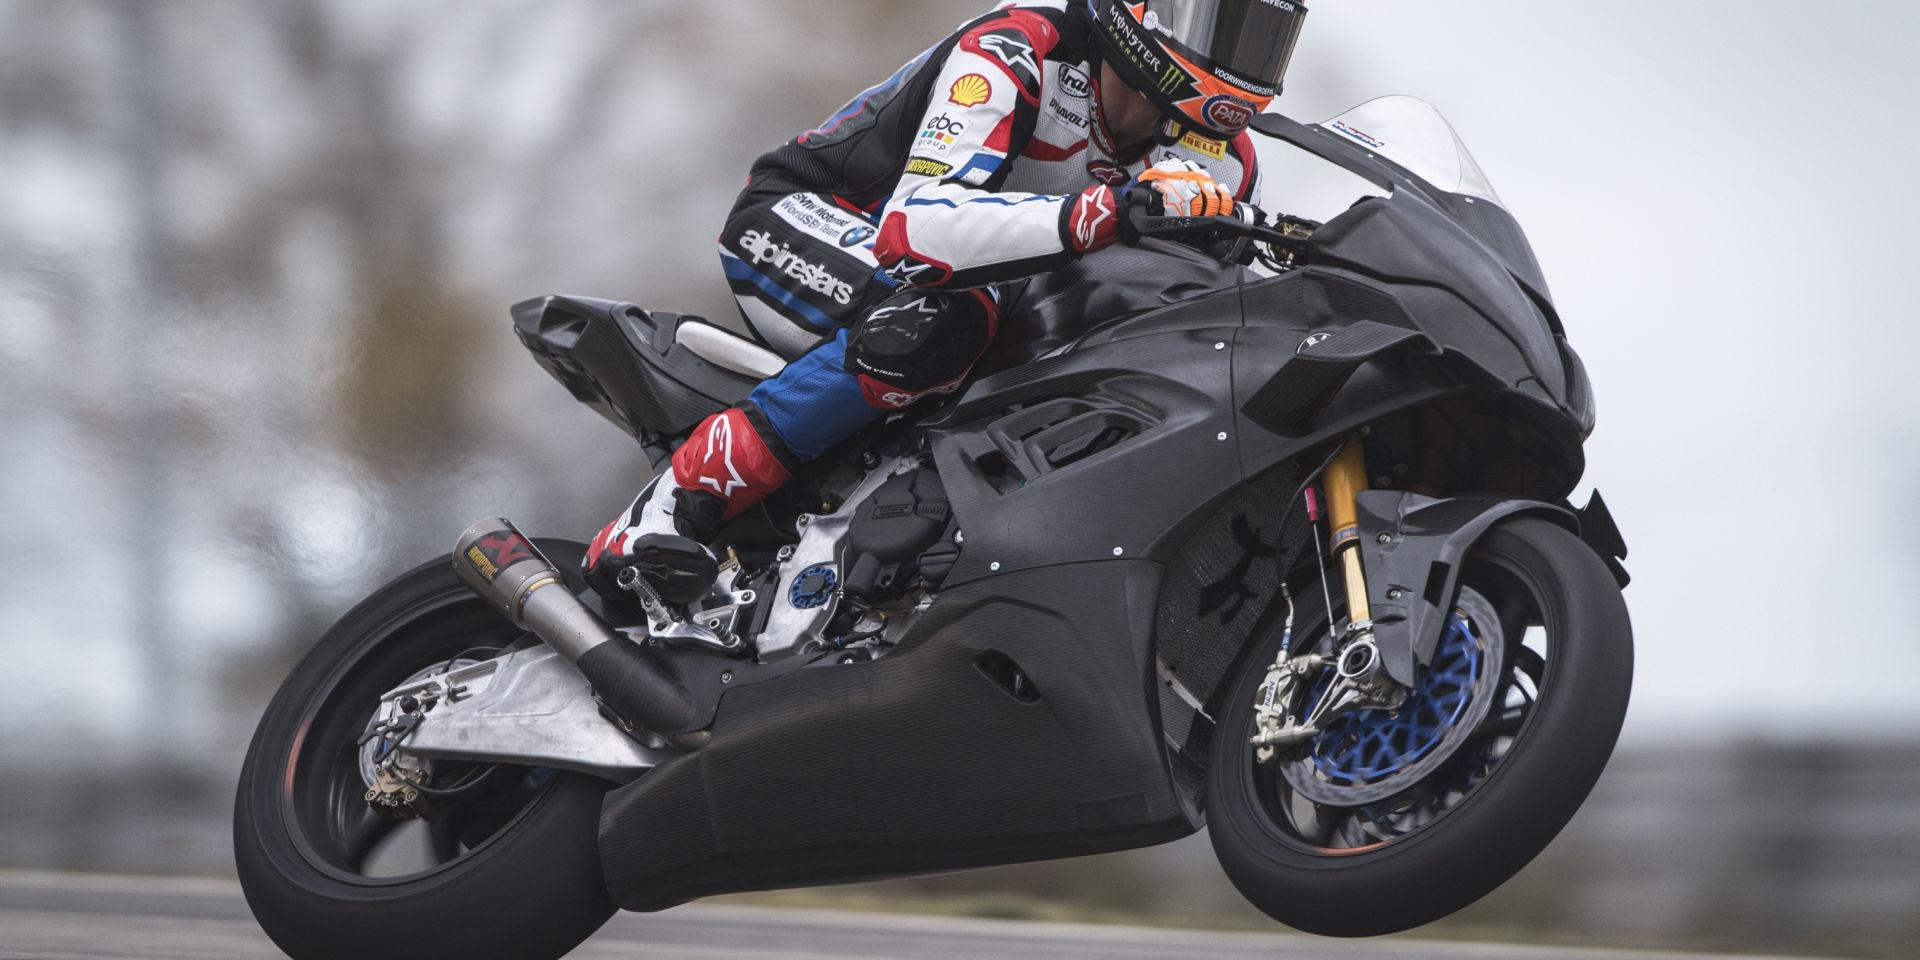 BMW首試!Van der Mark:R1的剎車很強,但M1000RR有更強的過彎性能!